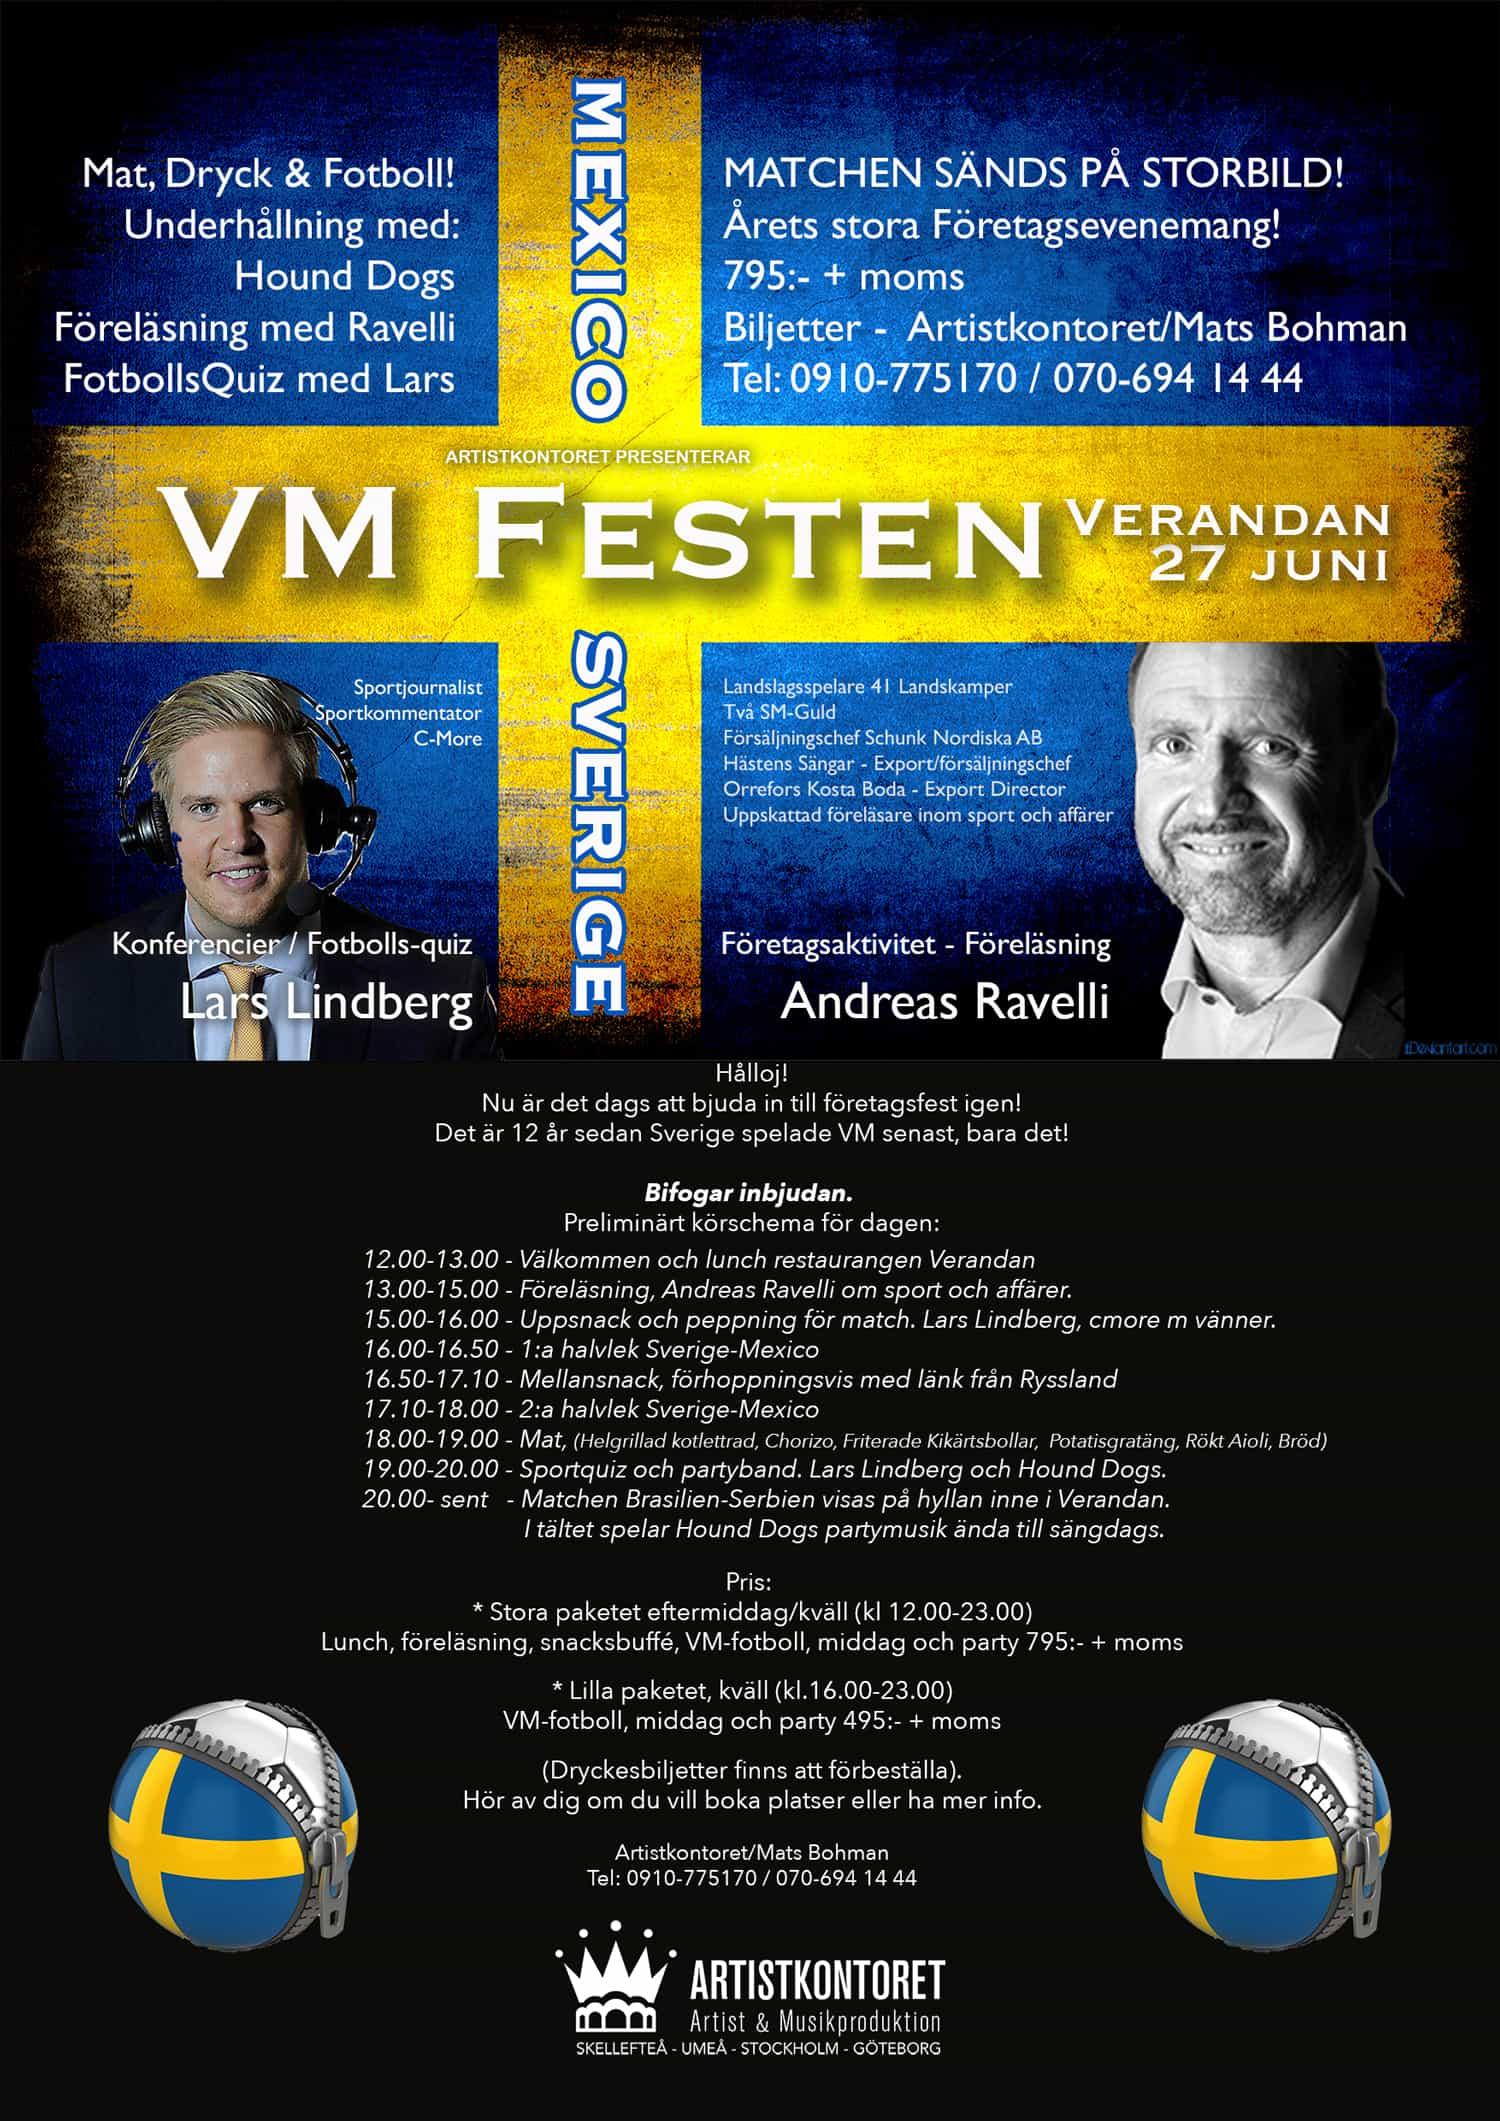 VM_FESTEN